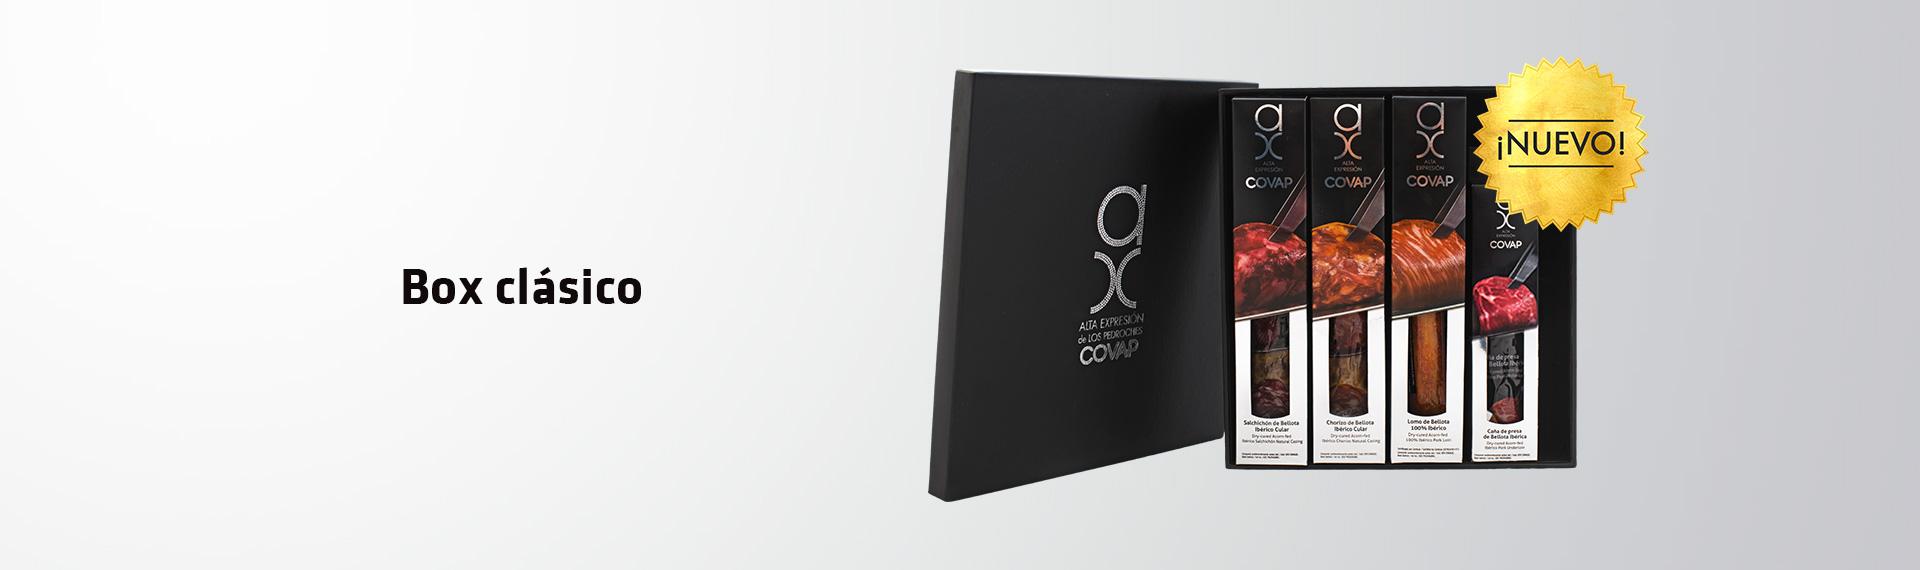 Box clásico | Ibéricos COVAP